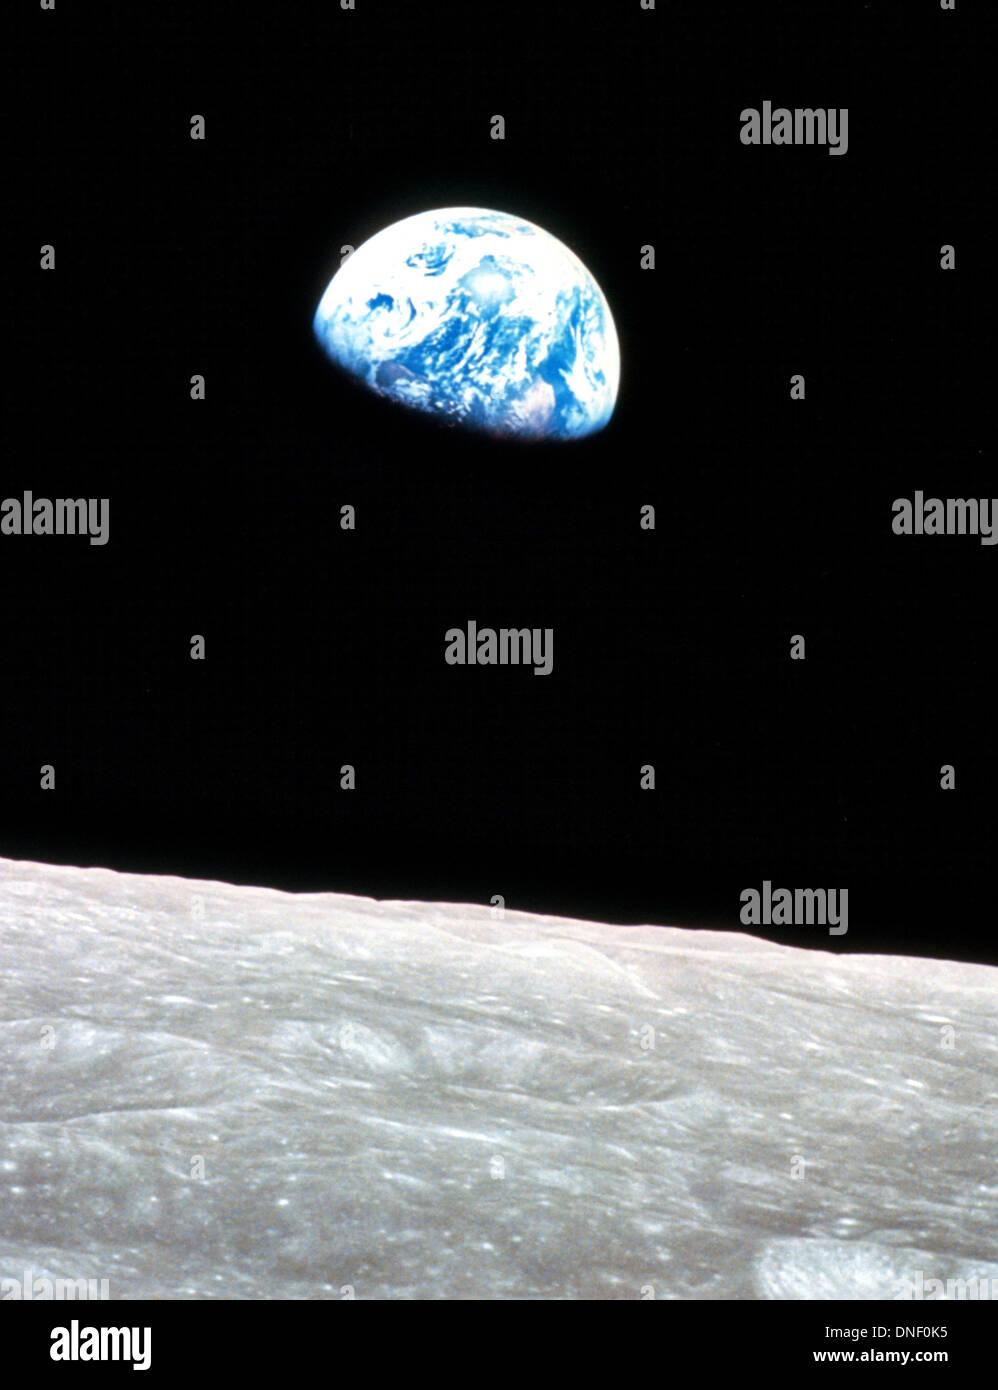 Blick auf die Erde mit dem lunar Horizont von Apollo 8 Astronaut William Anders getroffen, wie die Monitorbox jenseits des Mondes am 24. Dezember 1968 abgerundet. Das Bild als Erdaufgang bekannt war das erste Bild der Erde aus dem Weltraum und feiert 45 Jahre 24. Dezember 2013. Stockbild